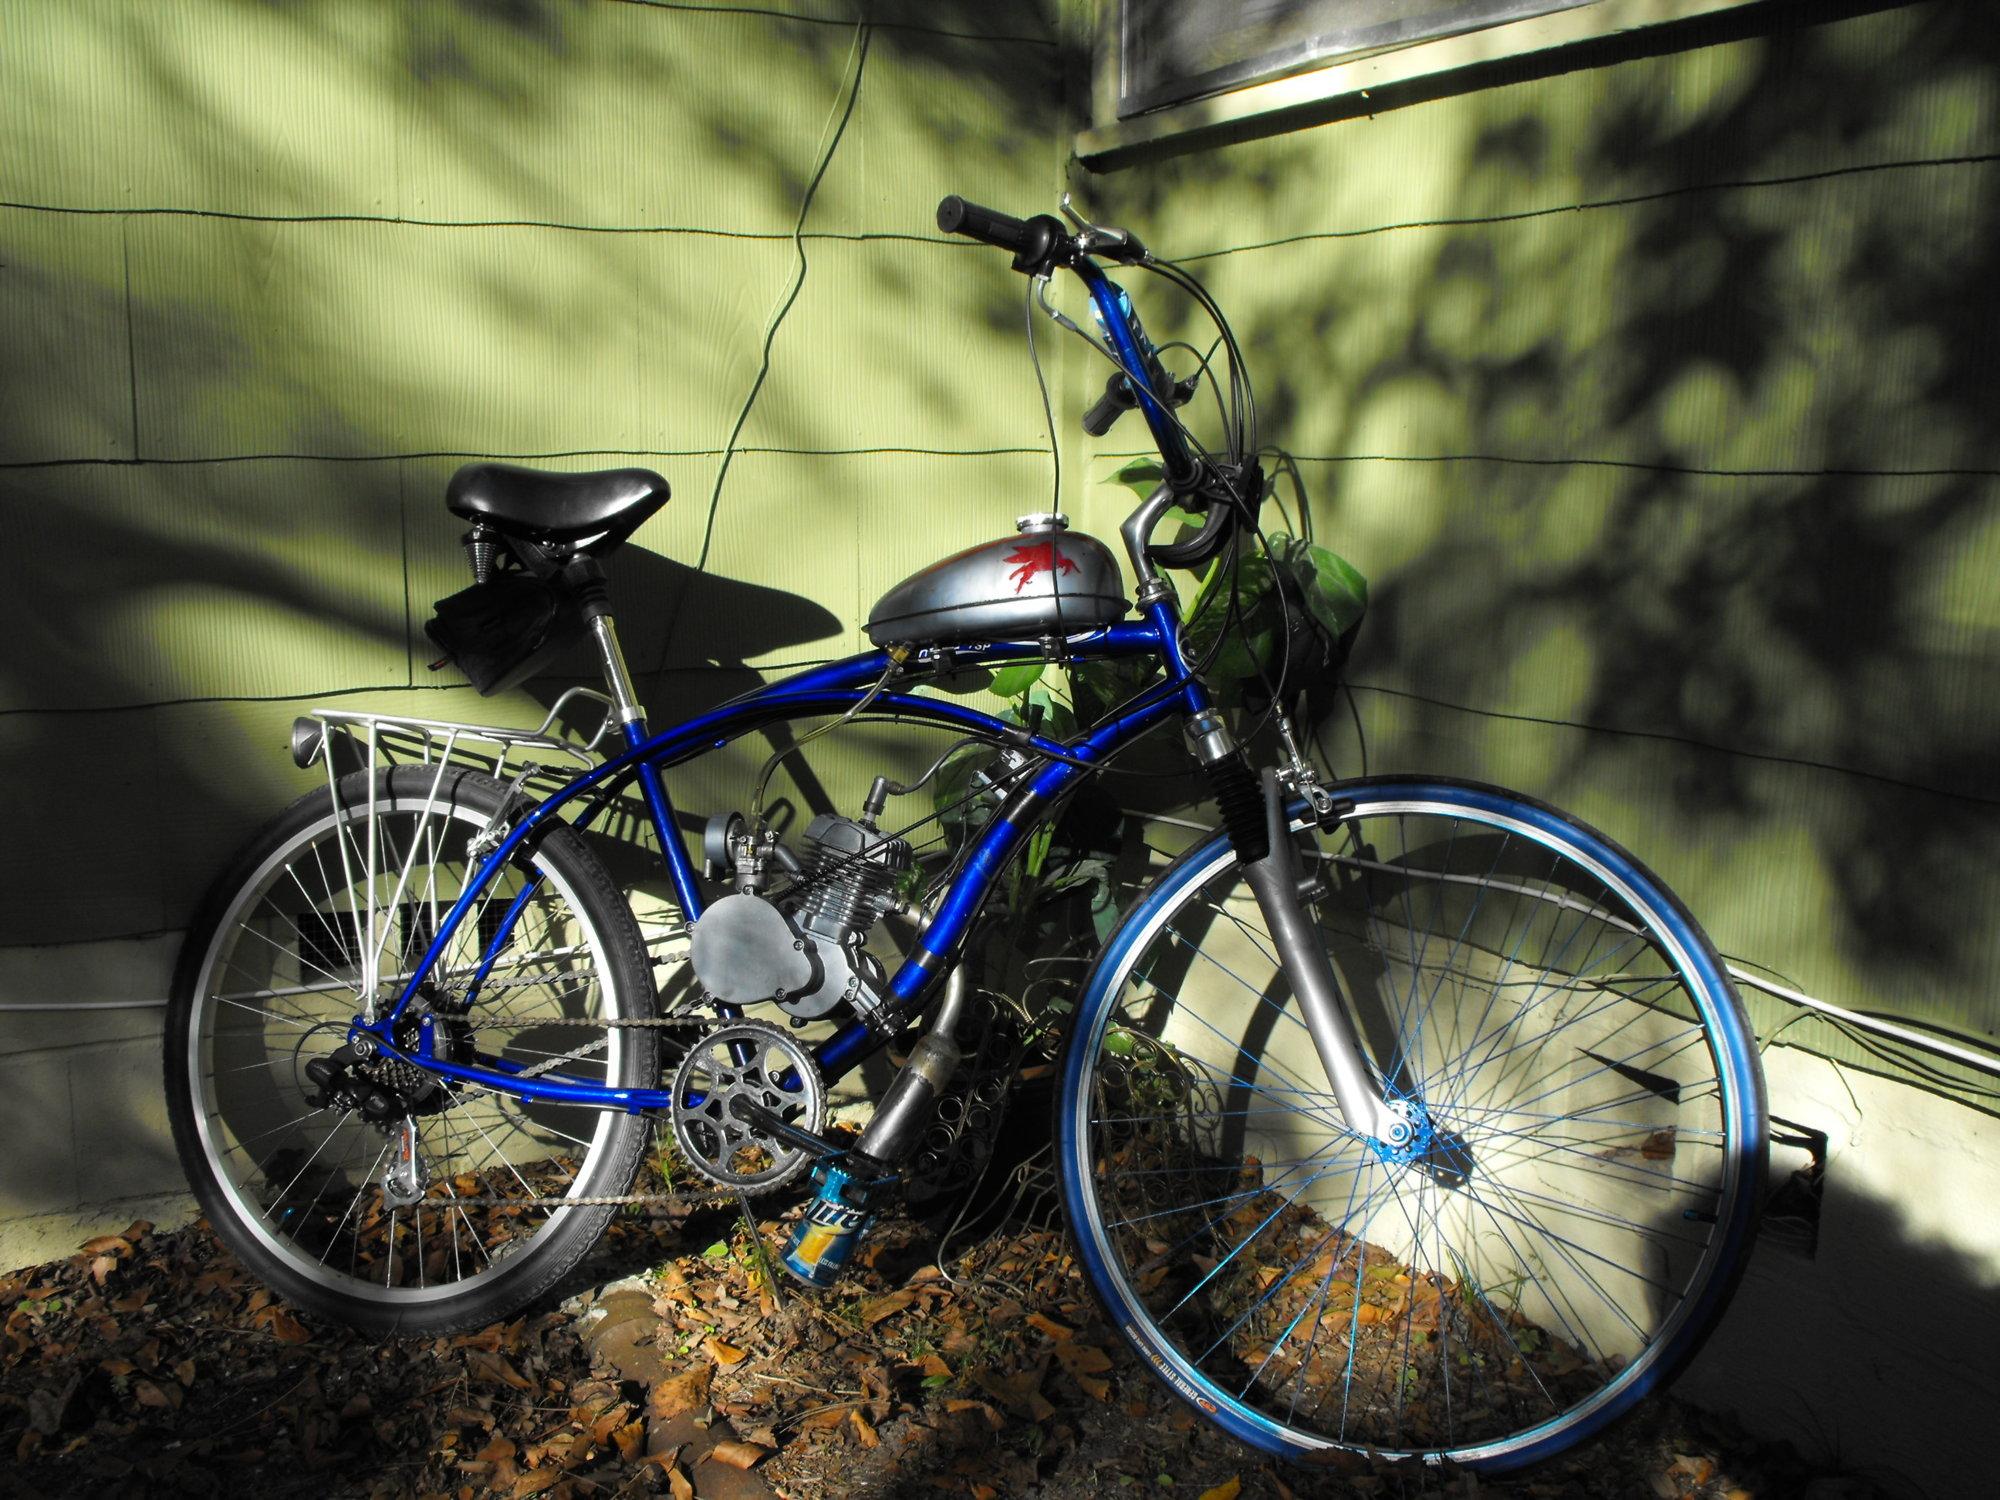 postmotorbike0001.JPG